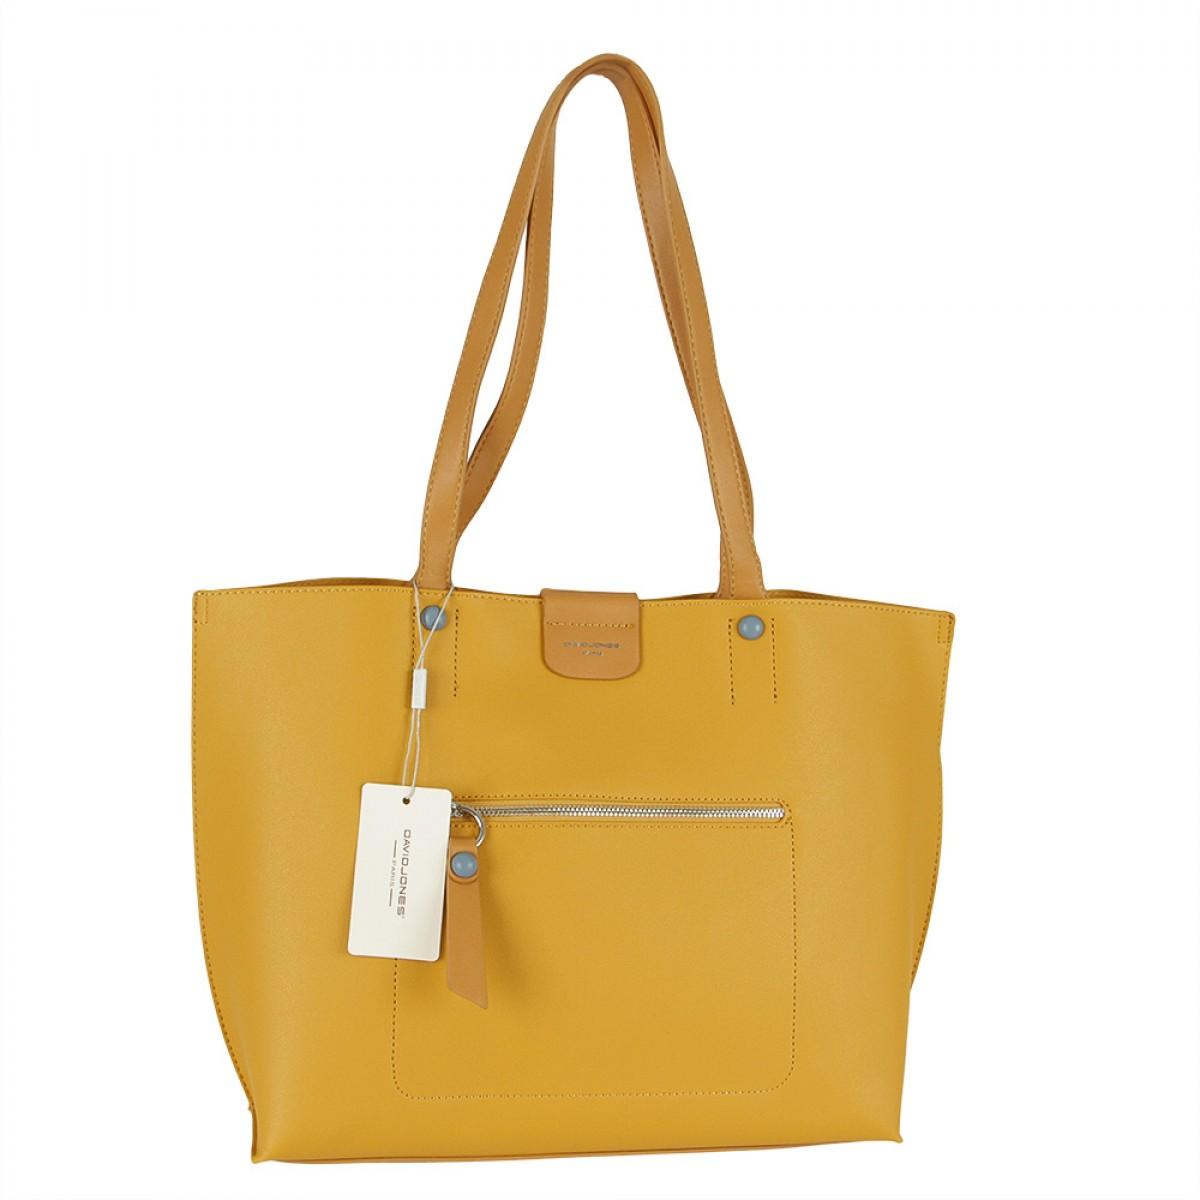 Жіноча сумка David Jones 6216-2 YELLOW